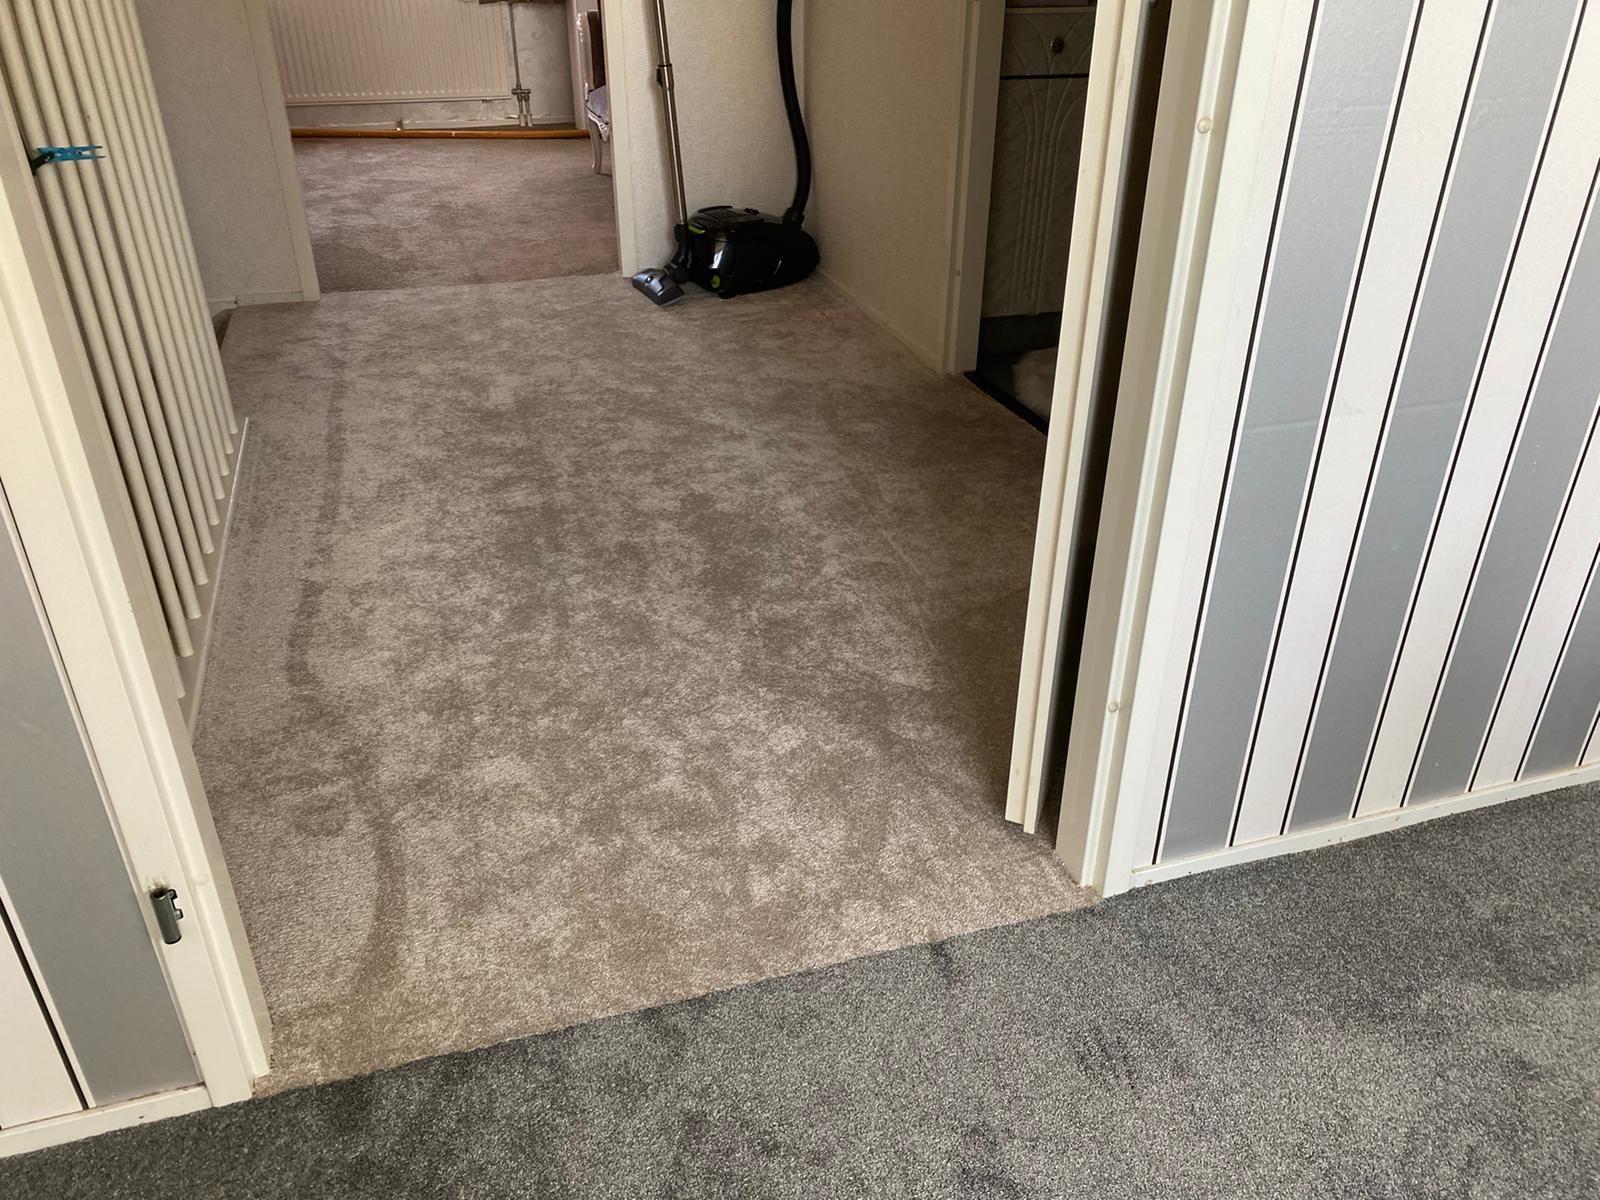 Bacovloeren tapijt leggen slaapkamers